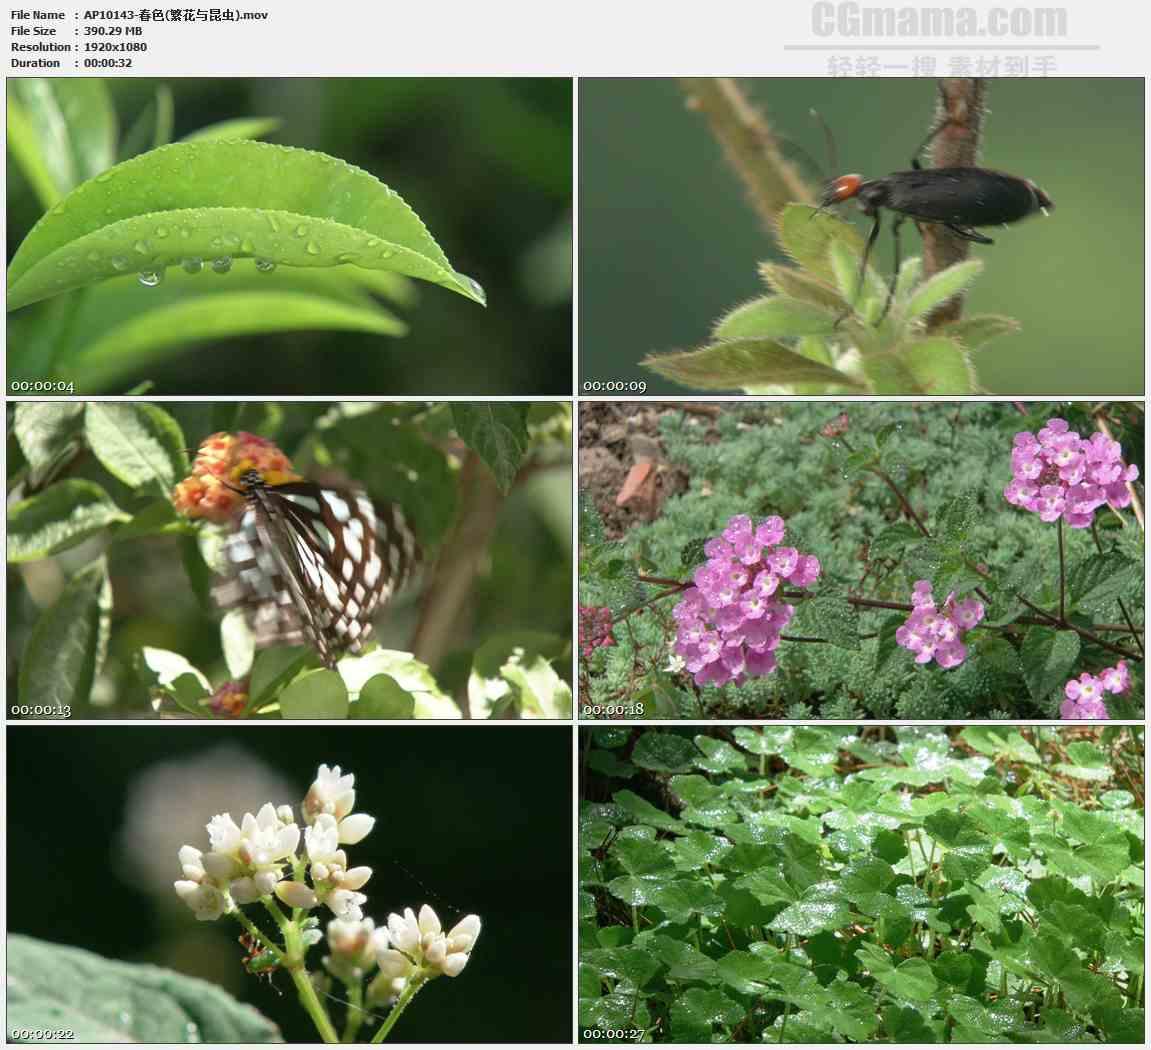 AP10143-蝴蝶昆虫树叶露珠高清实拍视频素材